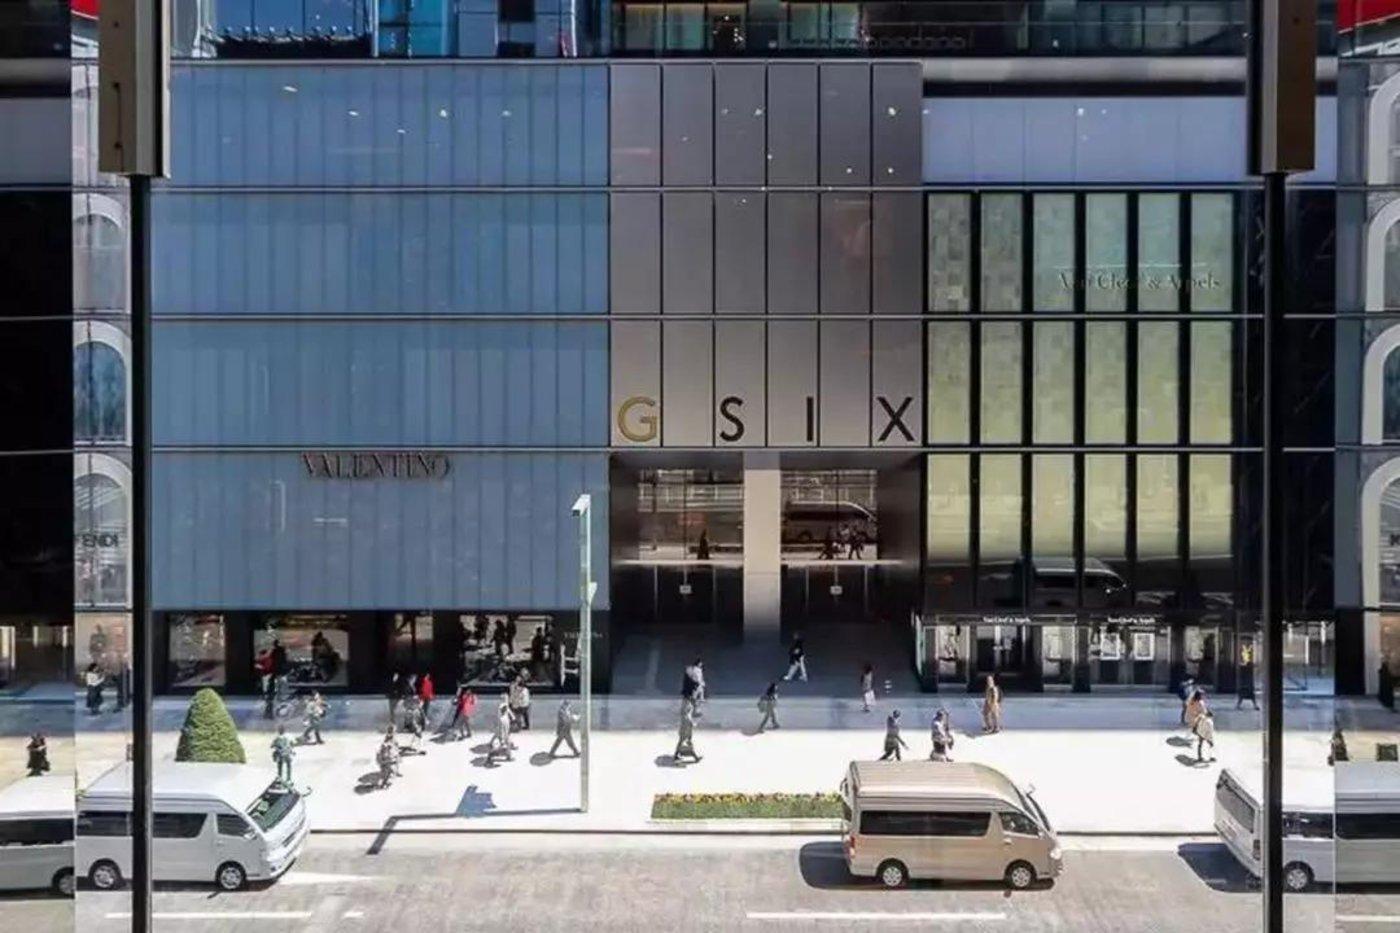 """▲有""""六星级购物中心""""之称的日本GINZA SIX,开业于2017年,除了集成了诸多艺术家作品与设计外,其内部店铺也以细节而著称于日本。"""